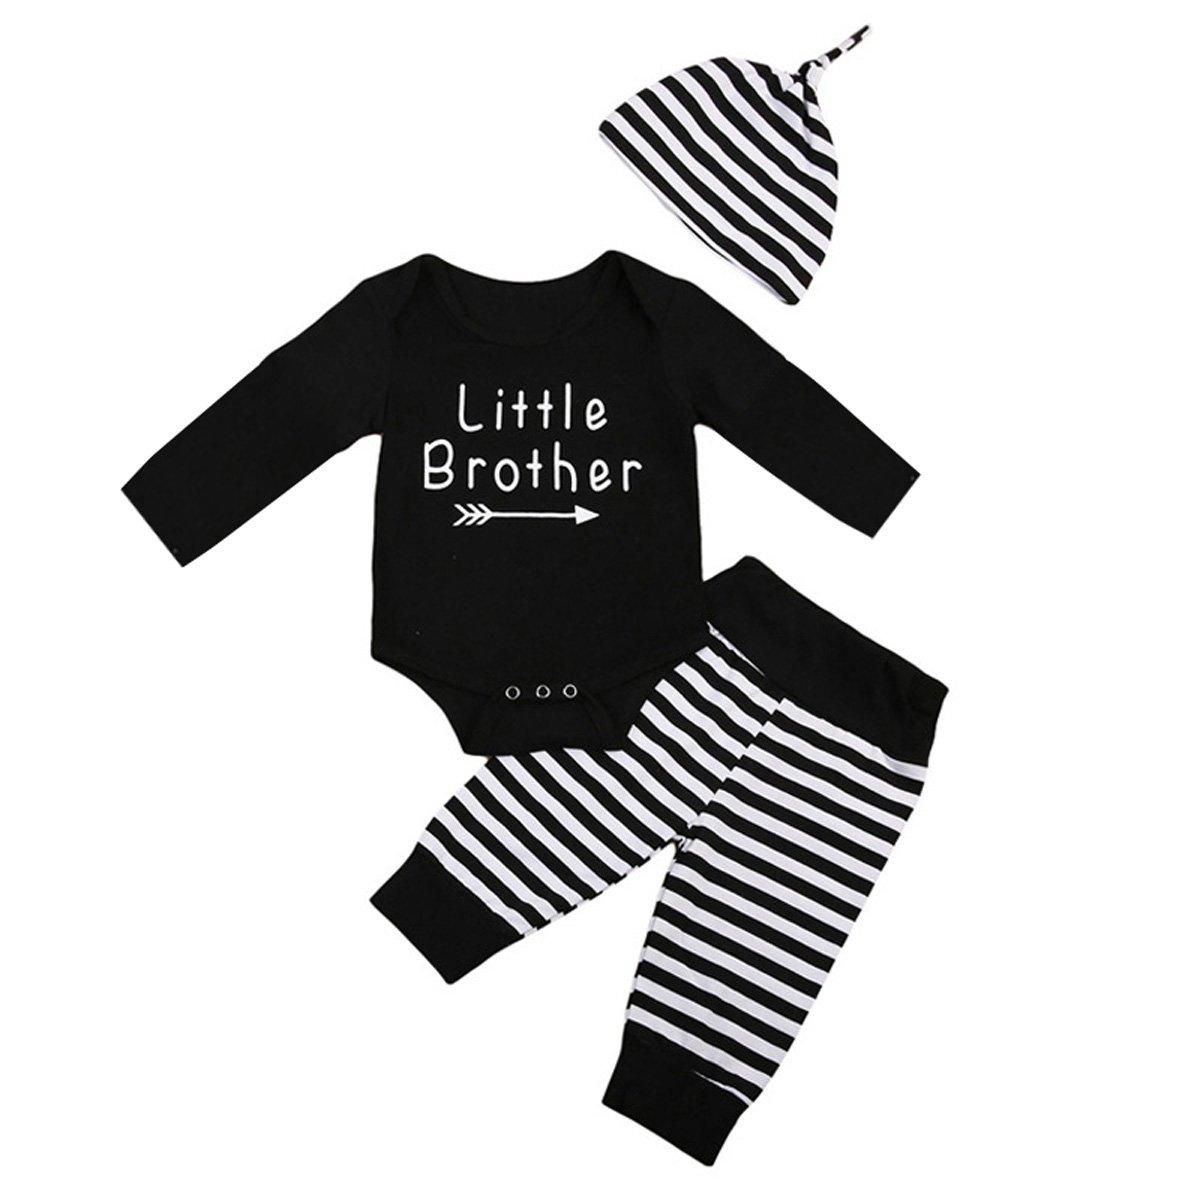 新着商品 DiDaDo DRESS ユニセックスベビー ベビーボーイズ ベビーボーイズ 6 - DRESS 12 Months Little 12 Brother Sets B074XRJ5B7, ヒシカリチョウ:b520643b --- a0267596.xsph.ru